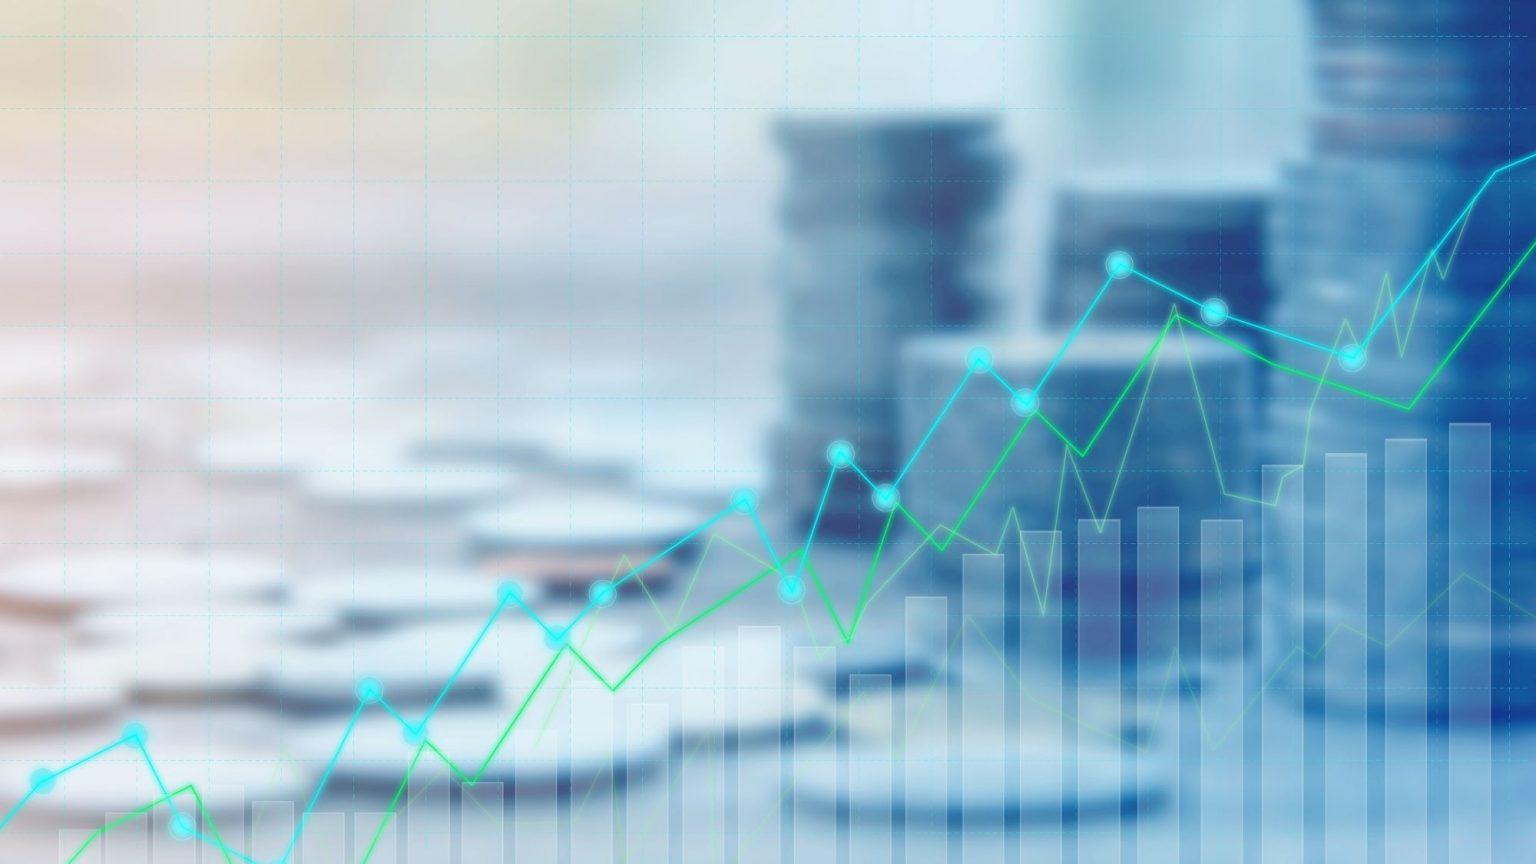 גרף השקעות - אפיקי השקעה